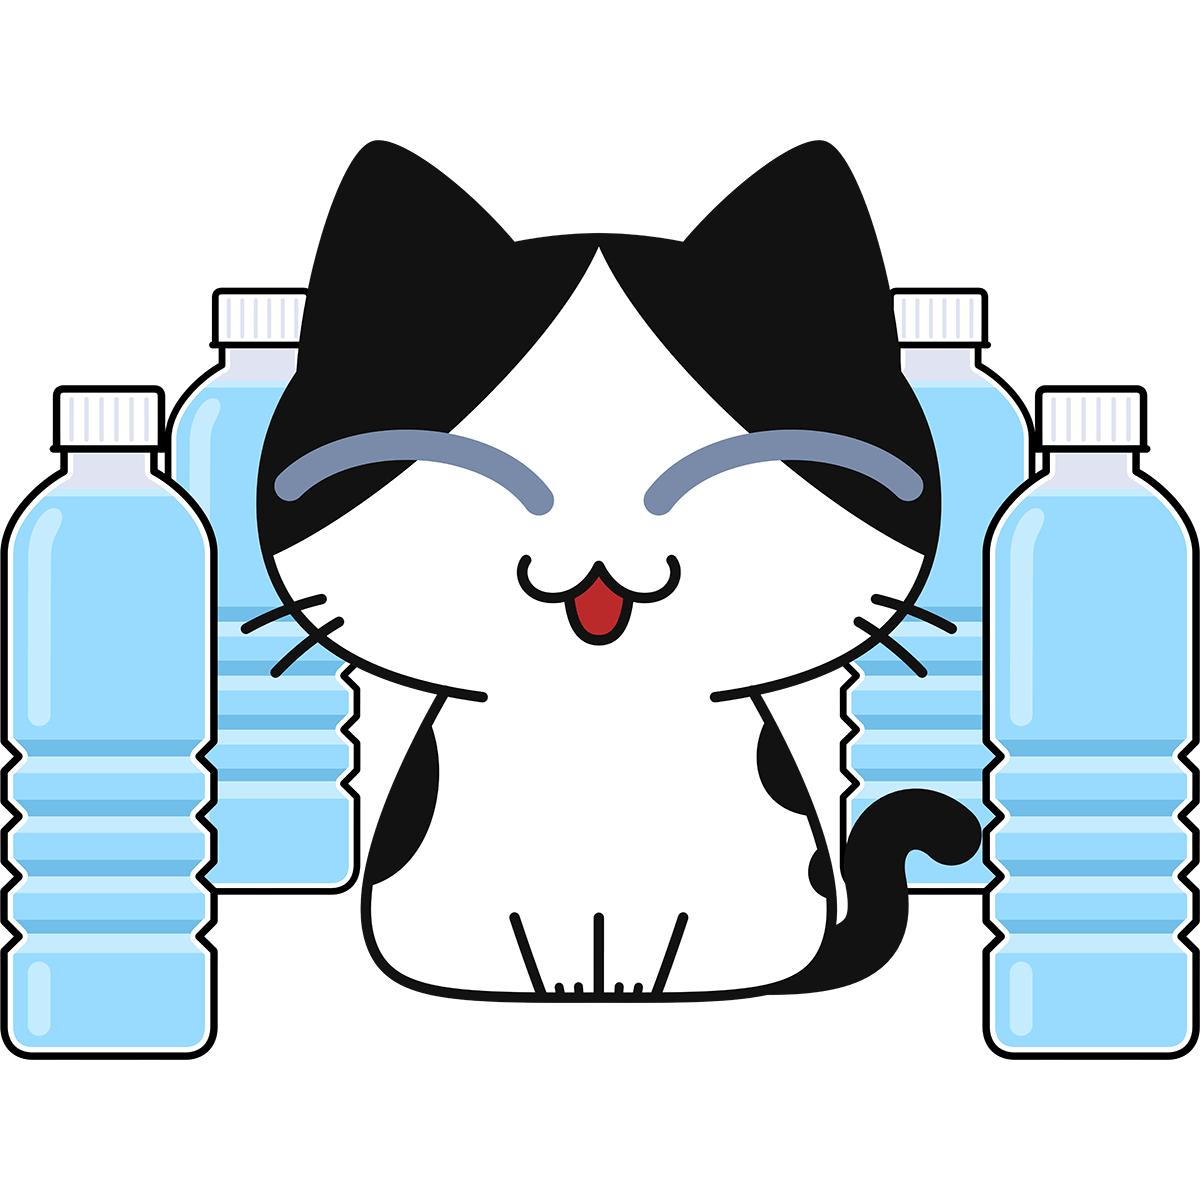 猫よけペットボトルを気にしない猫の無料イラスト